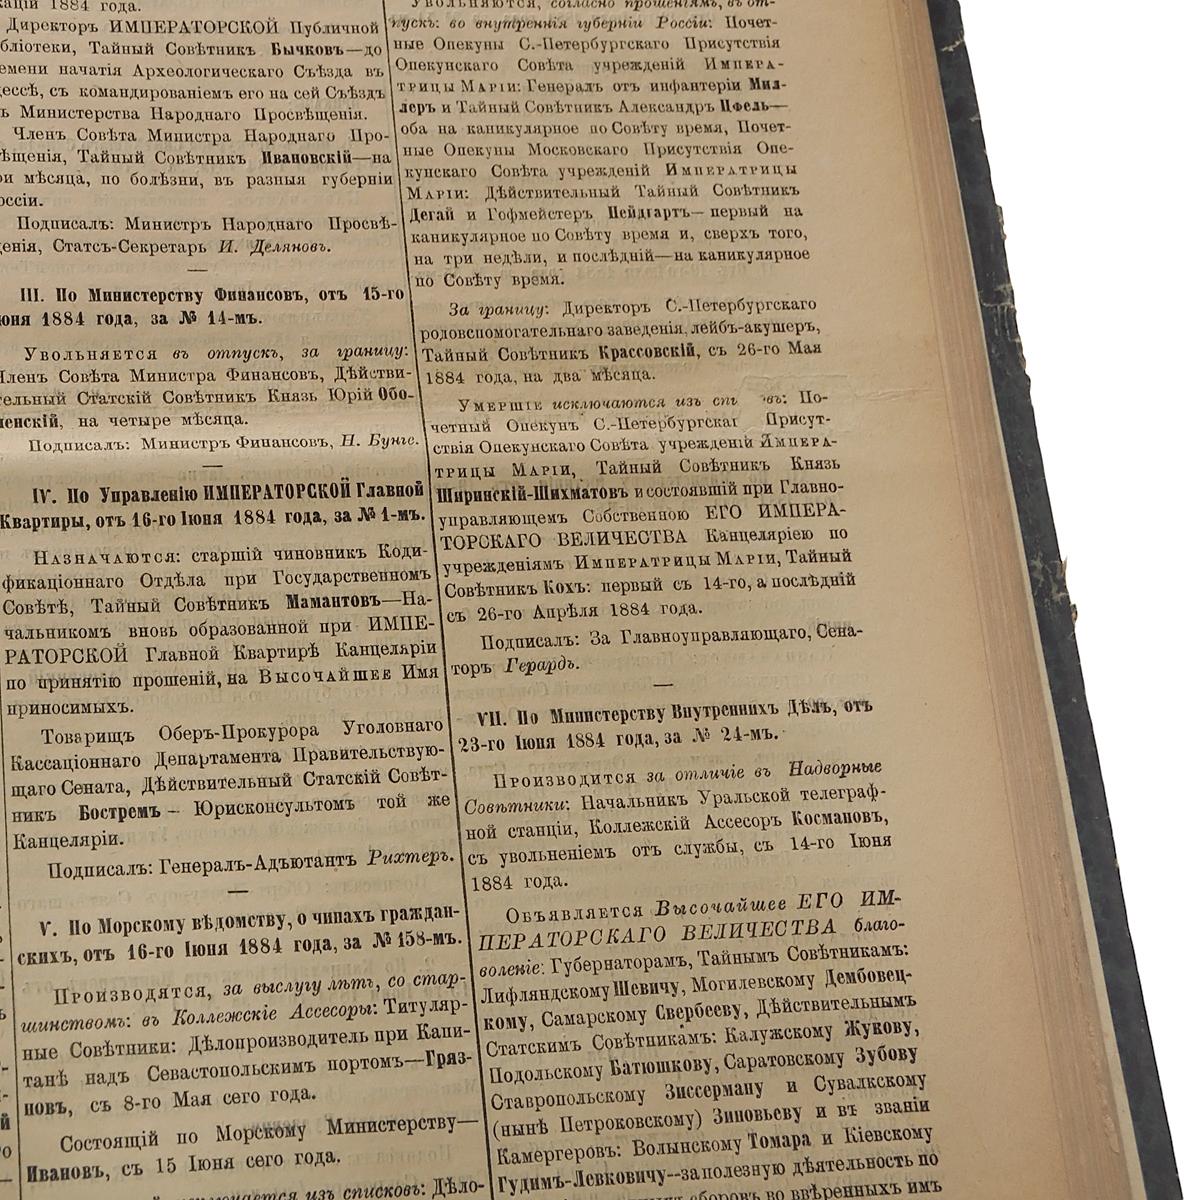 Санкт-Петербургские сенатские ведомости. 1884 год. Годовой комплект